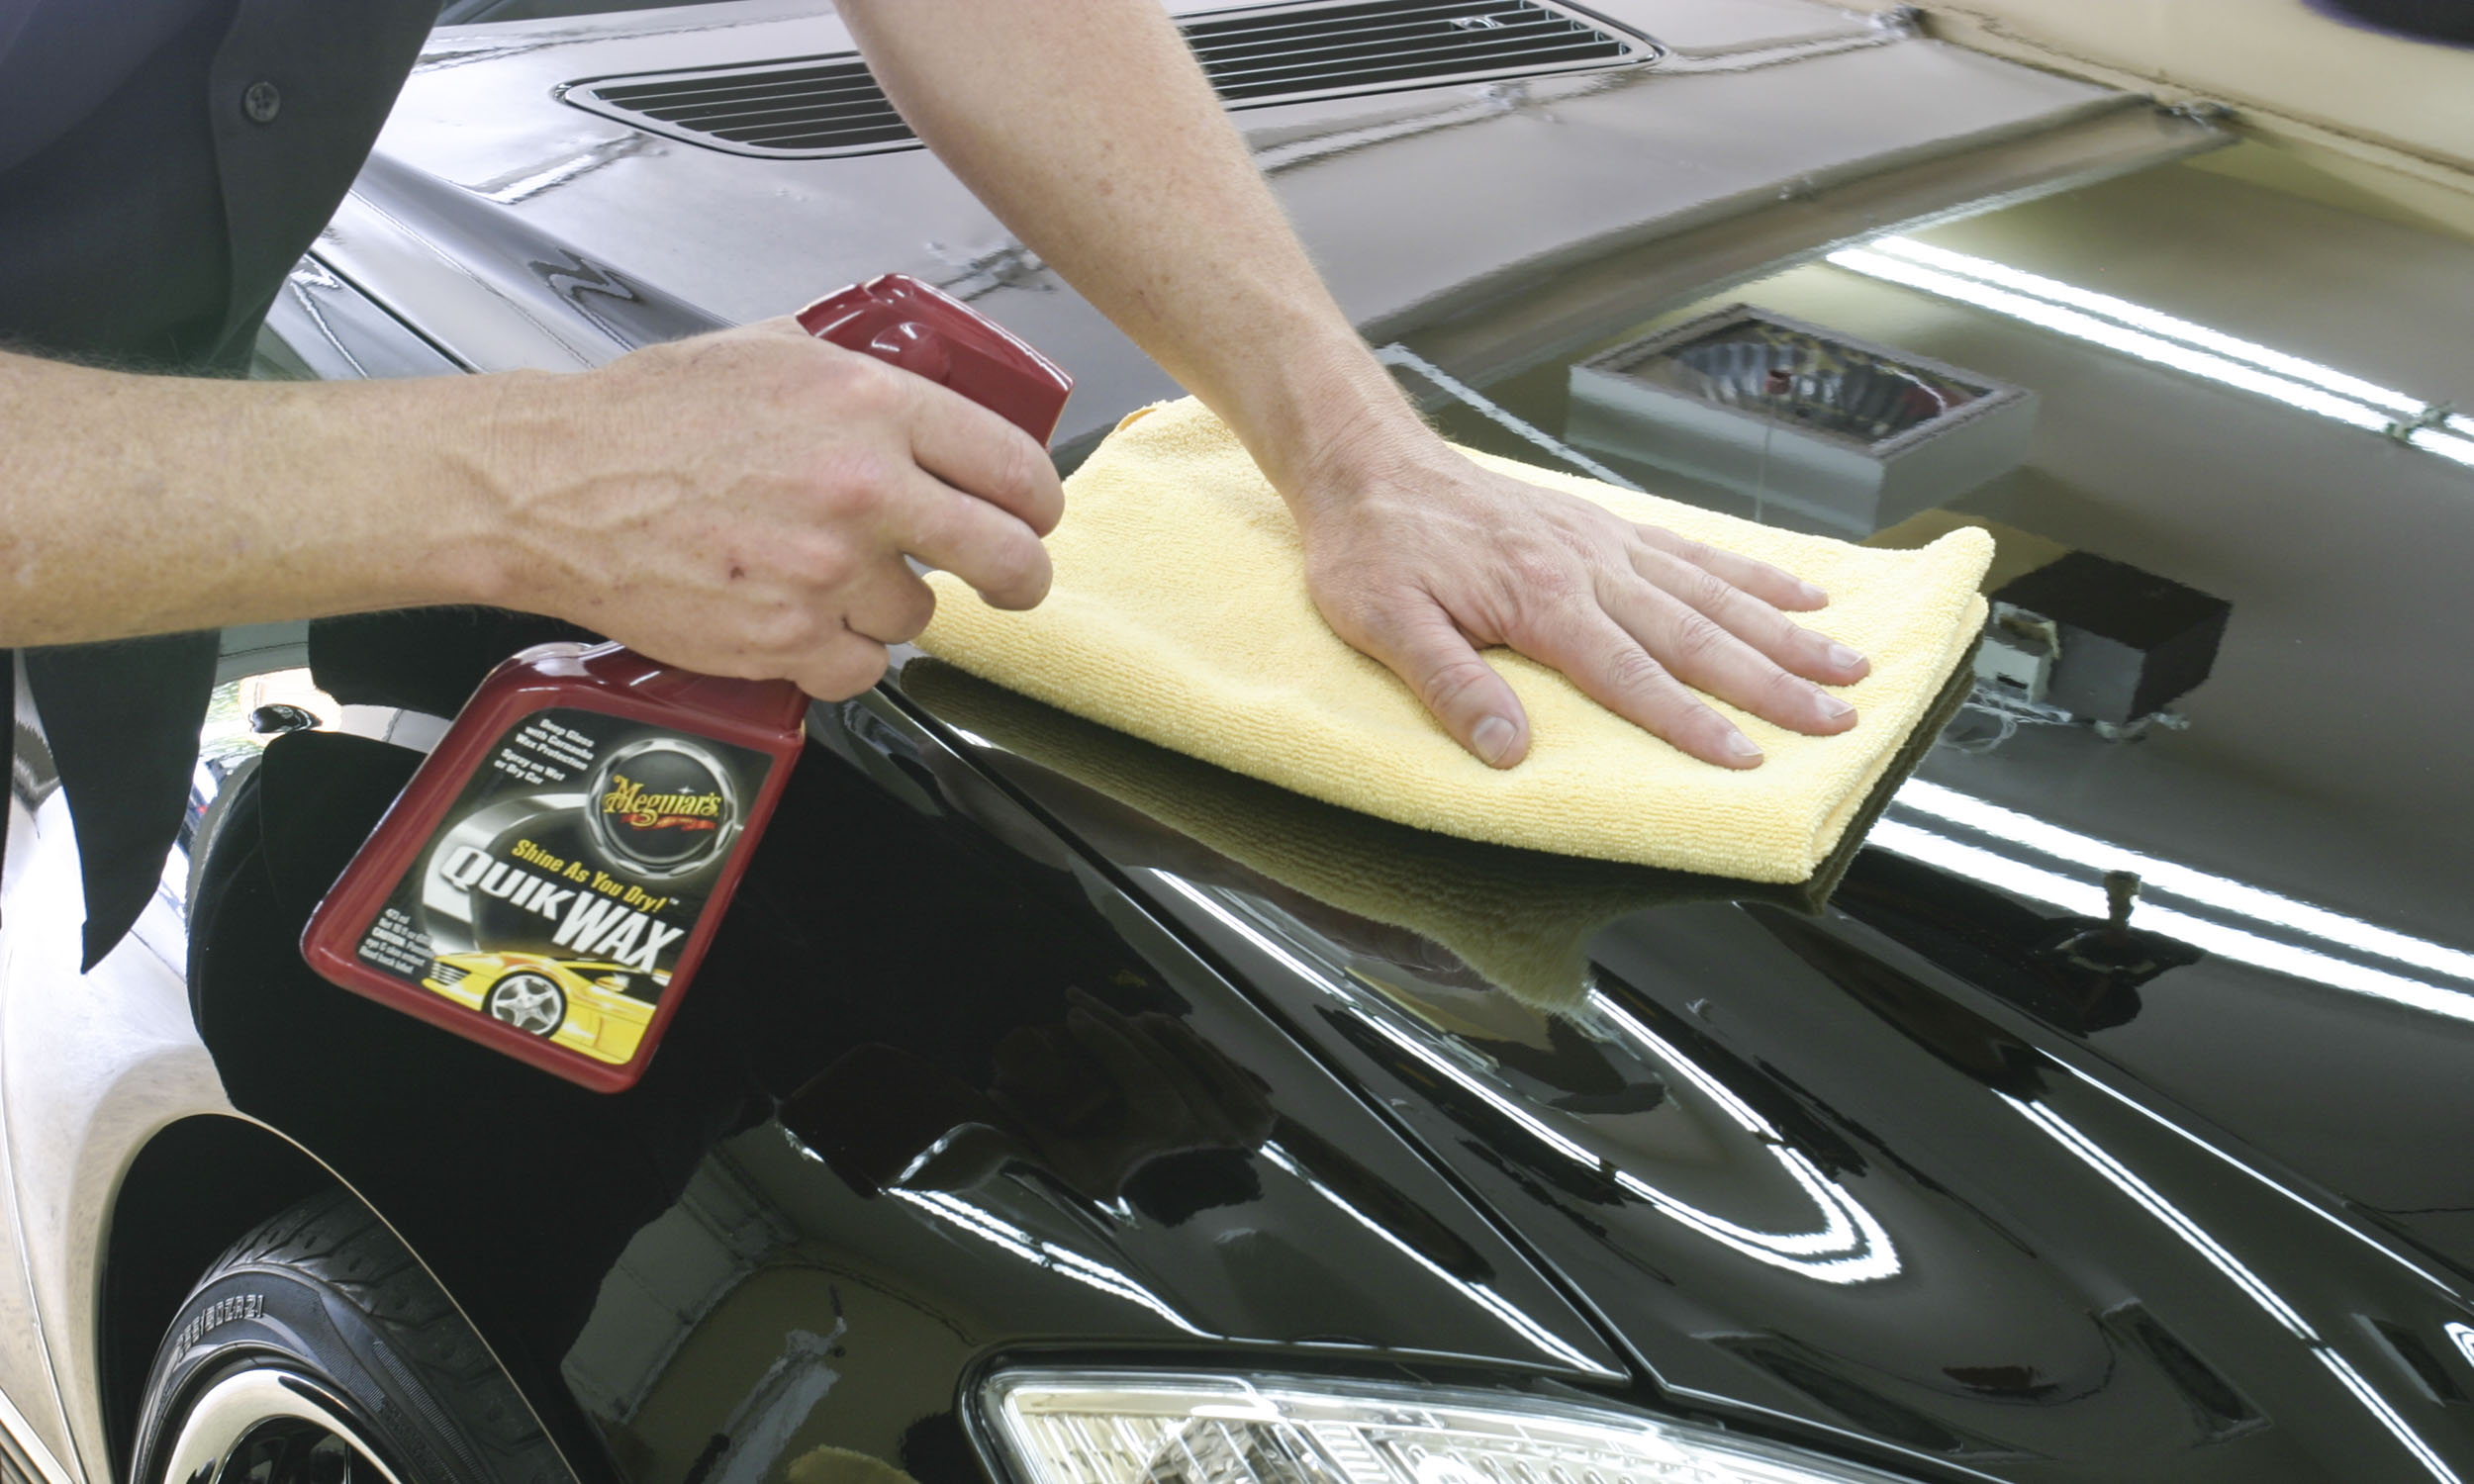 Spray Car Wash: Wash Your Car Like A Pro